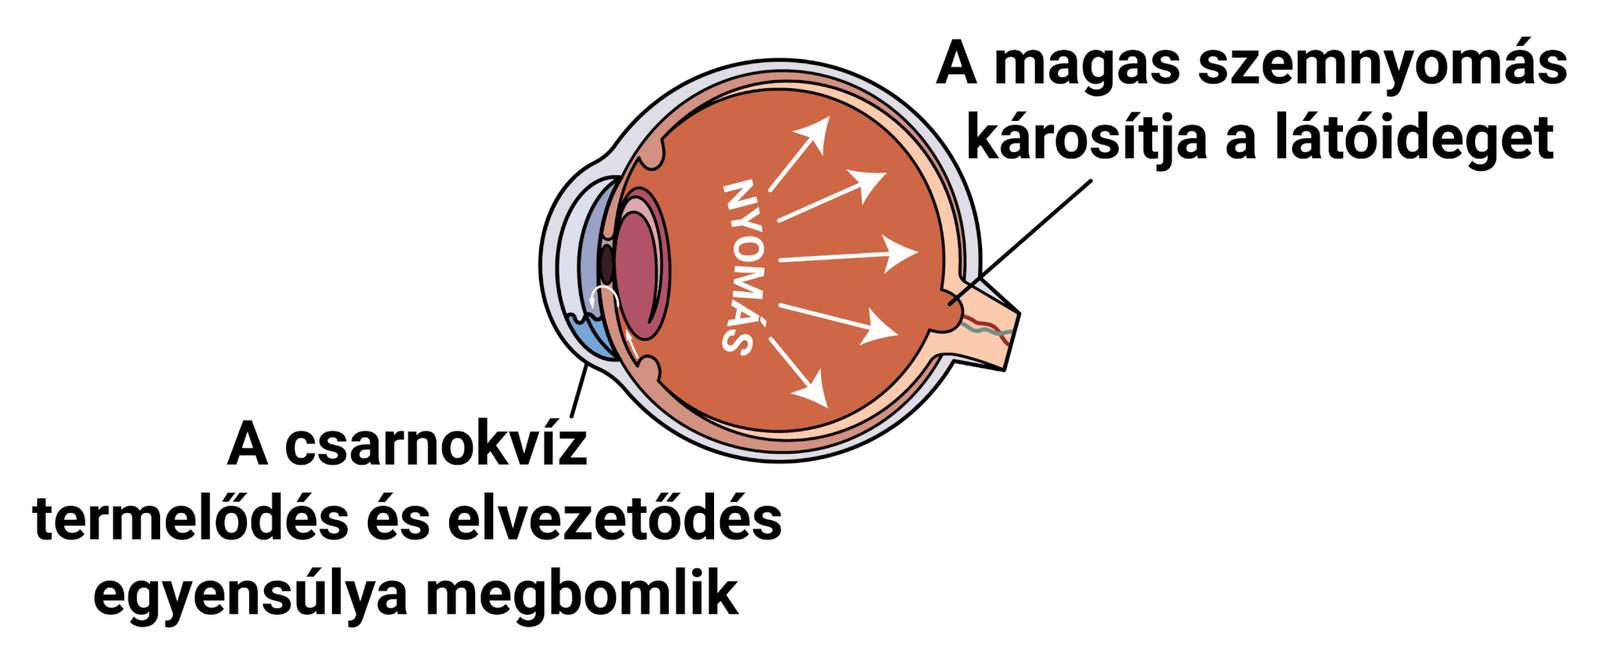 ha látás plusz műtét aki segített a látásgyakorlatokban